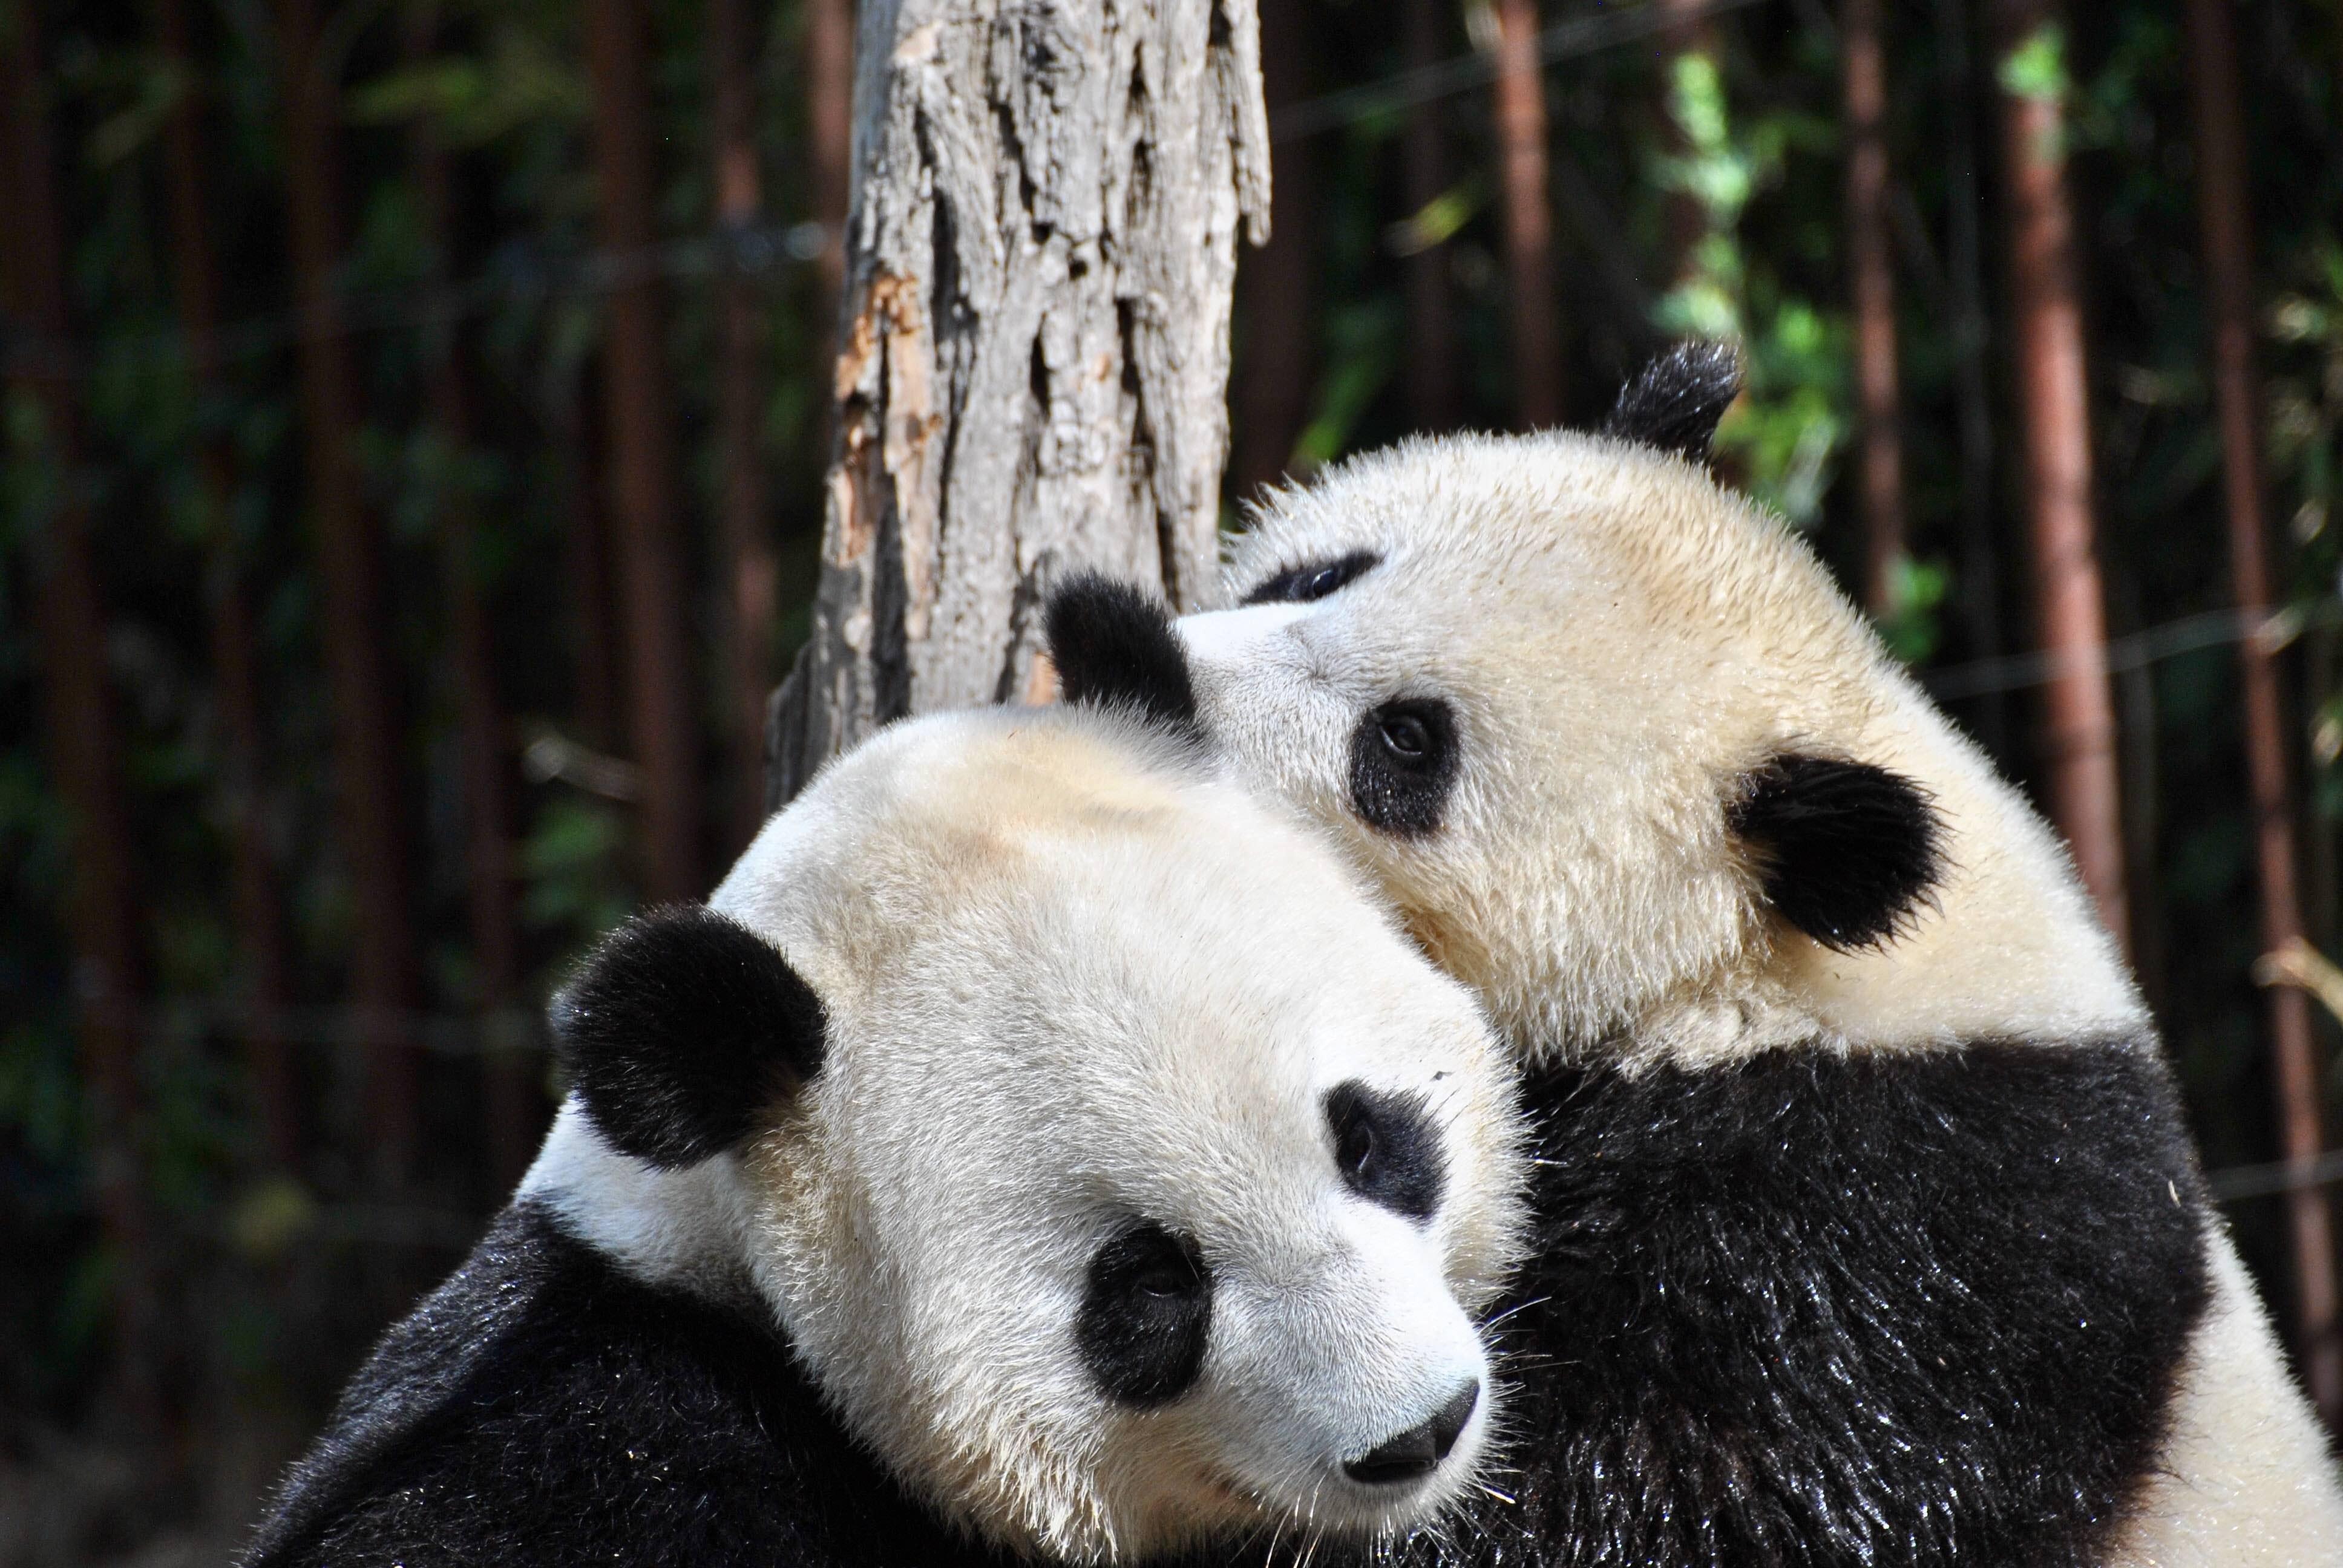 Two panda bears hug in a natural environment